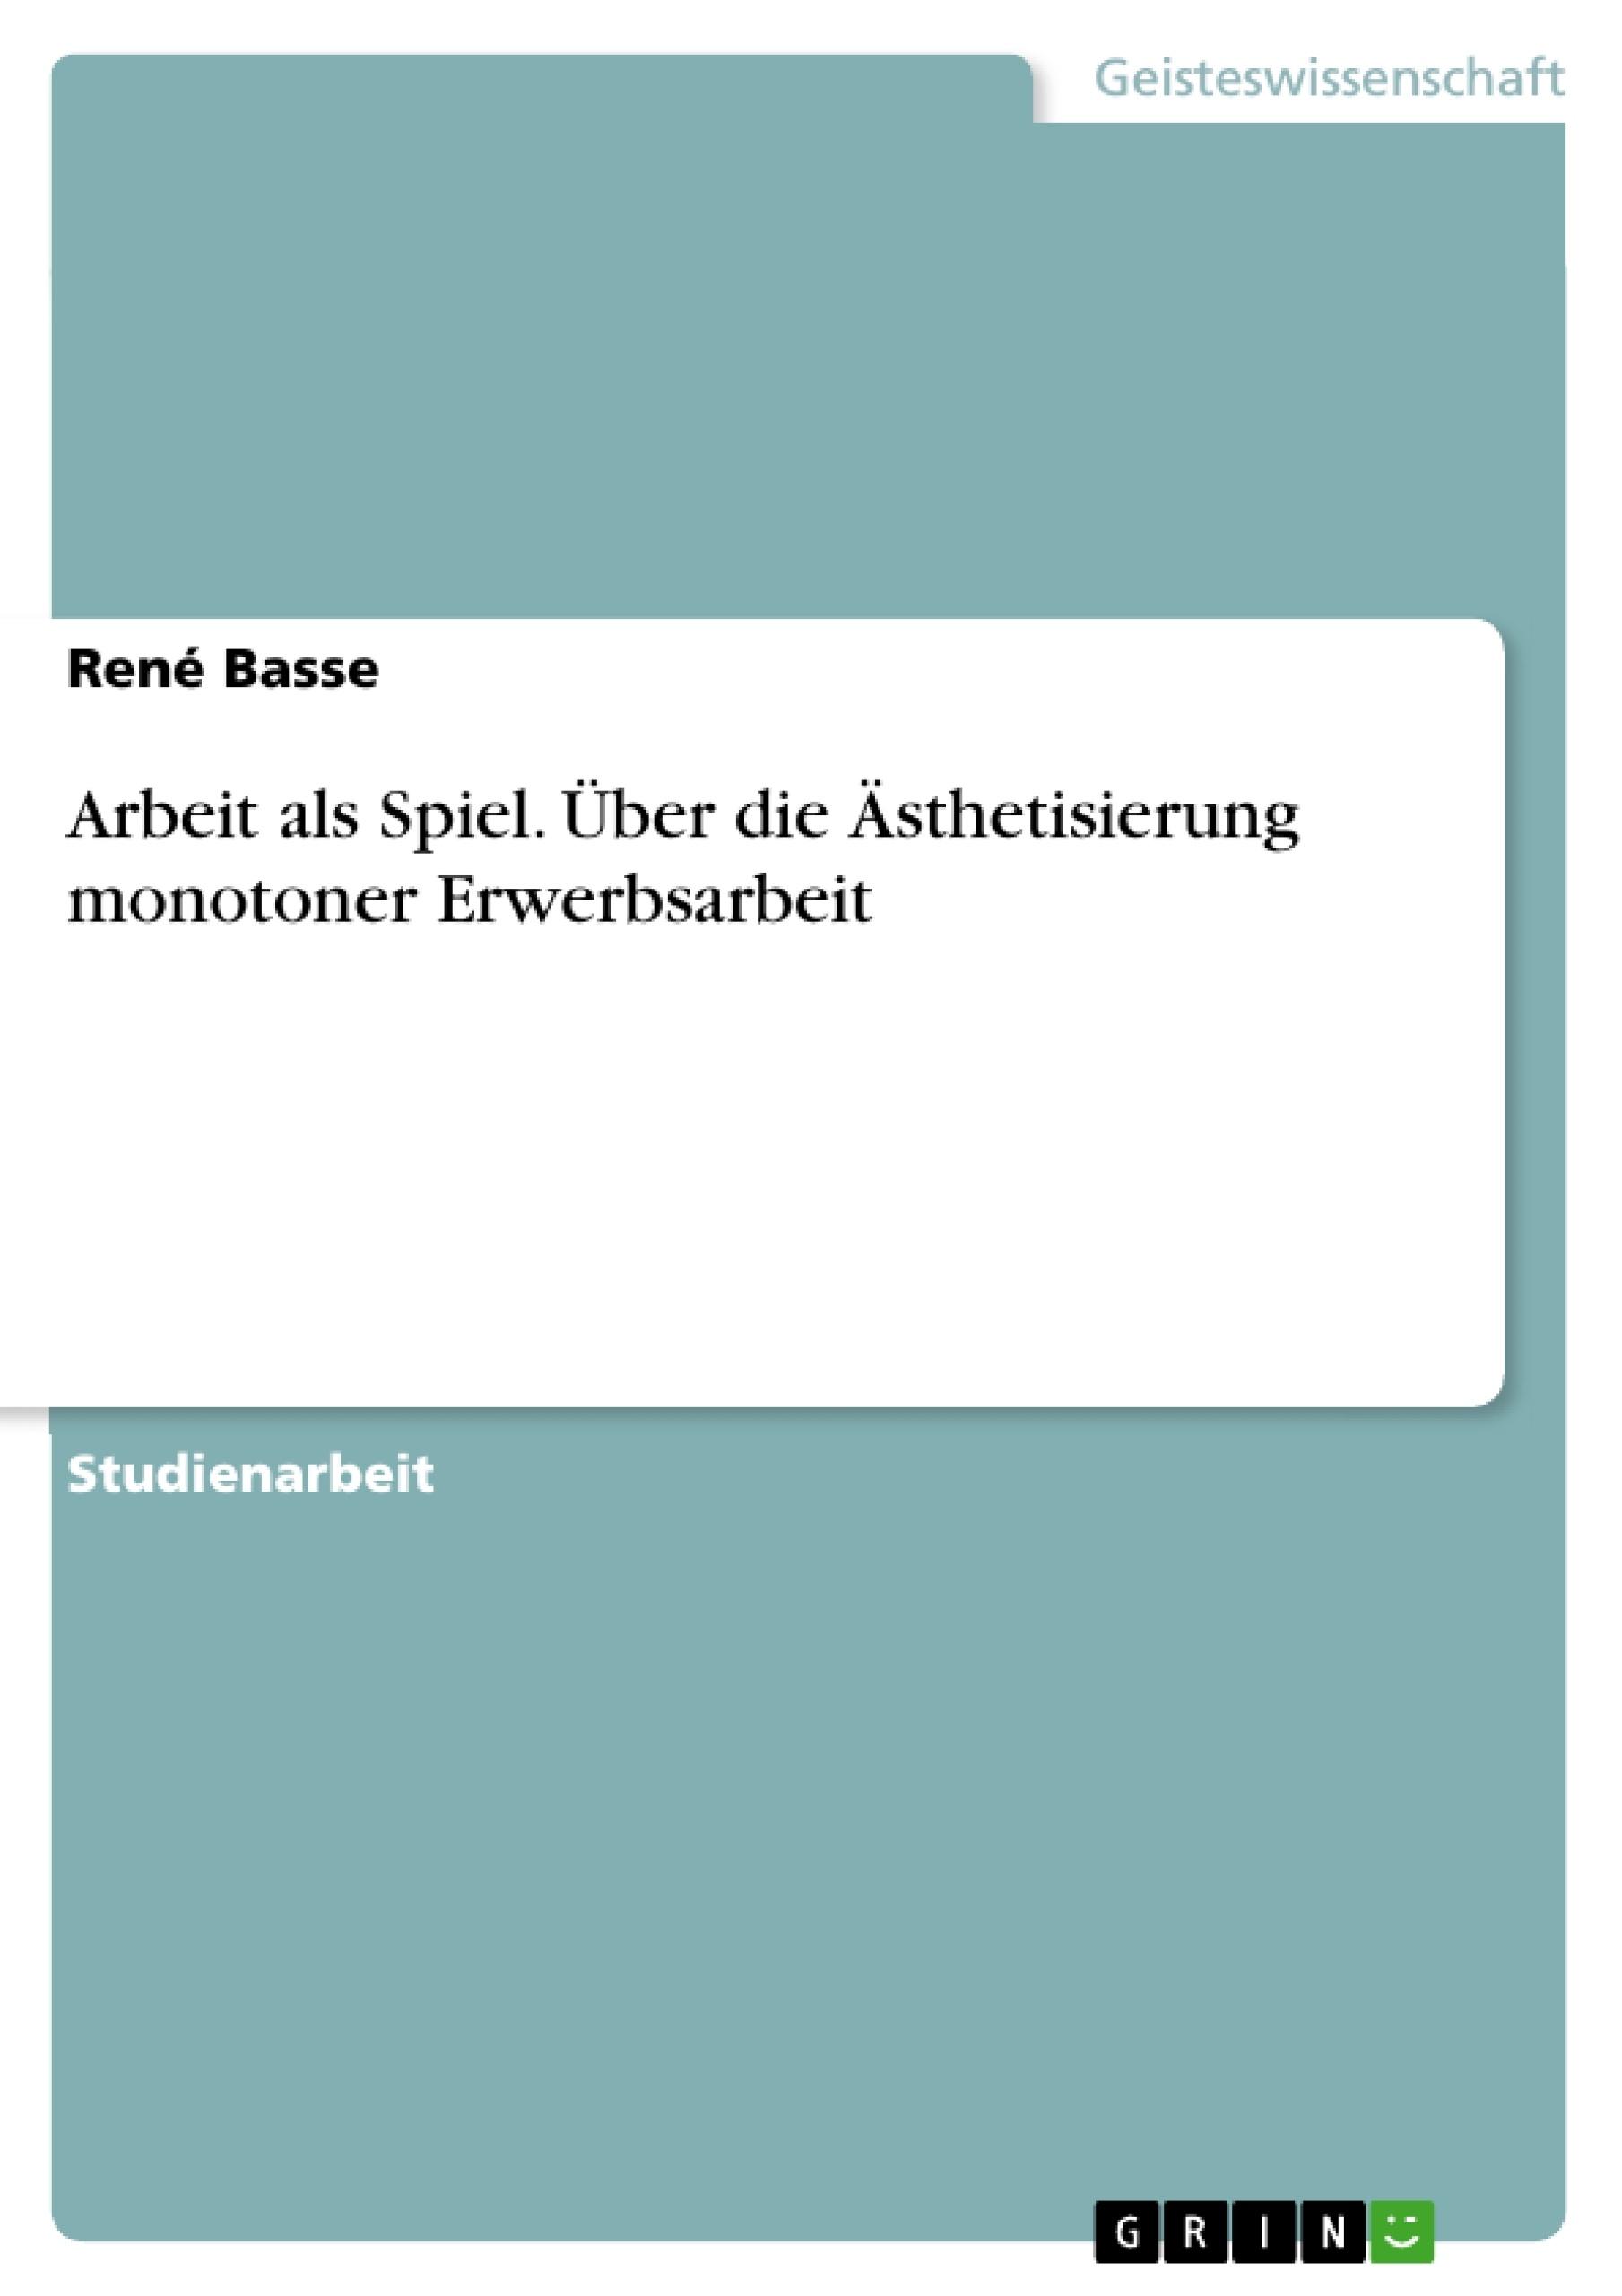 Titel: Arbeit als Spiel. Über die Ästhetisierung monotoner Erwerbsarbeit